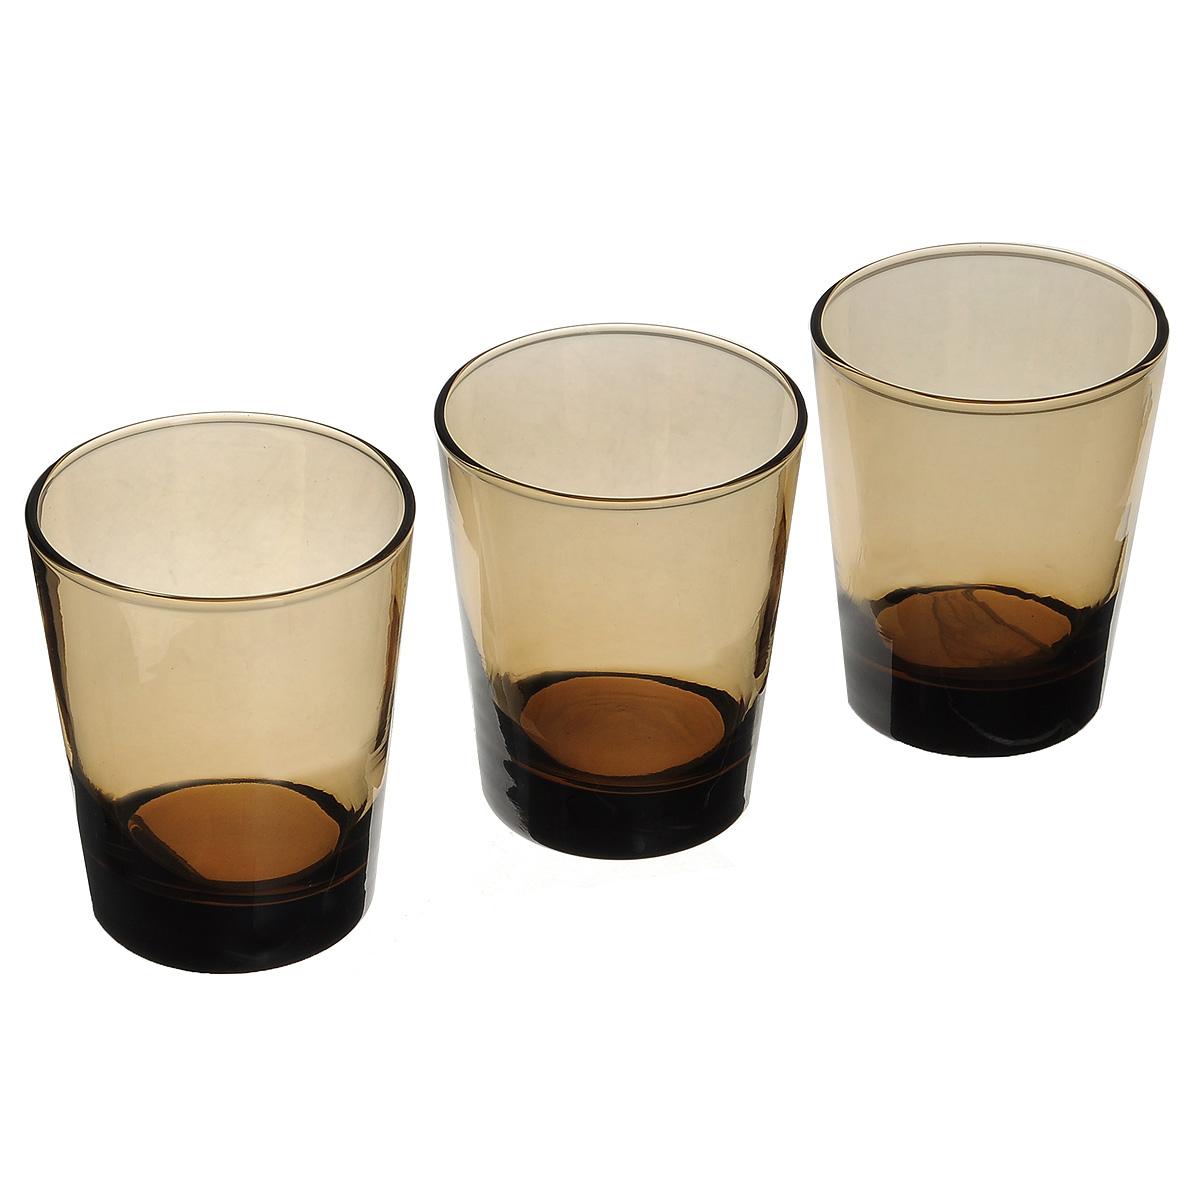 Набор стаканов Pasabahce Workshop Bronze, 305 мл, 3 шт42875B/ZНабор Pasabahce Workshop Bronze состоит из трех стаканов, изготовленных из прочного натрий-кальций-силикатного стекла. Изделия, предназначенные для подачи воды, сока и других напитков, несомненно придутся вам по душе. Стаканы сочетают в себе элегантный дизайн и функциональность. Благодаря такому набору пить напитки будет еще вкуснее. Набор стаканов Pasabahce Workshop Bronze идеально подойдет для сервировки стола и станет отличным подарком к любому празднику. Можно мыть в посудомоечной машине и использовать в микроволновой печи. Диаметр стакана по верхнему краю: 8 см. Высота стакана: 9,5 см.